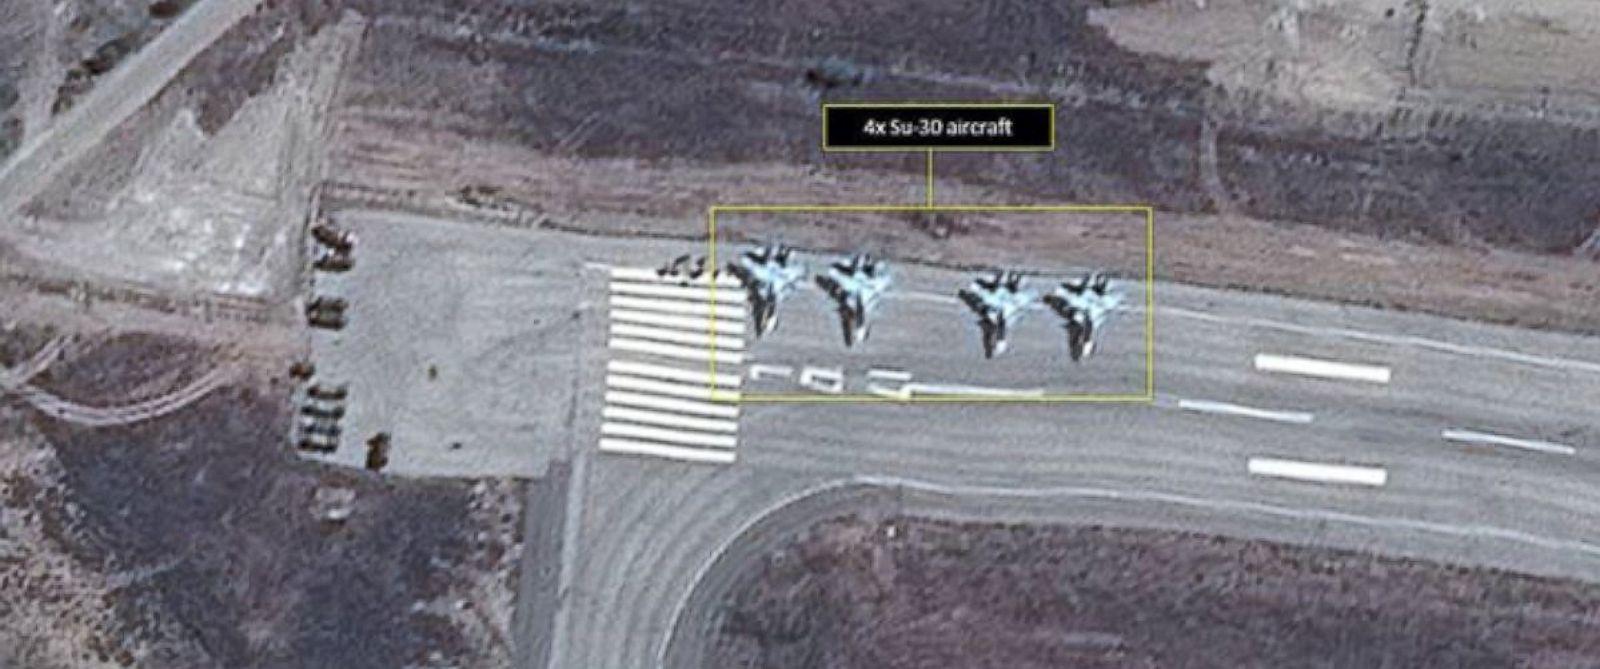 Нажмите на изображение для увеличения.  Название:HT_war_jets_jef_150921_12x5_1600.jpg Просмотров:2779 Размер:130.1 Кб ID:66719